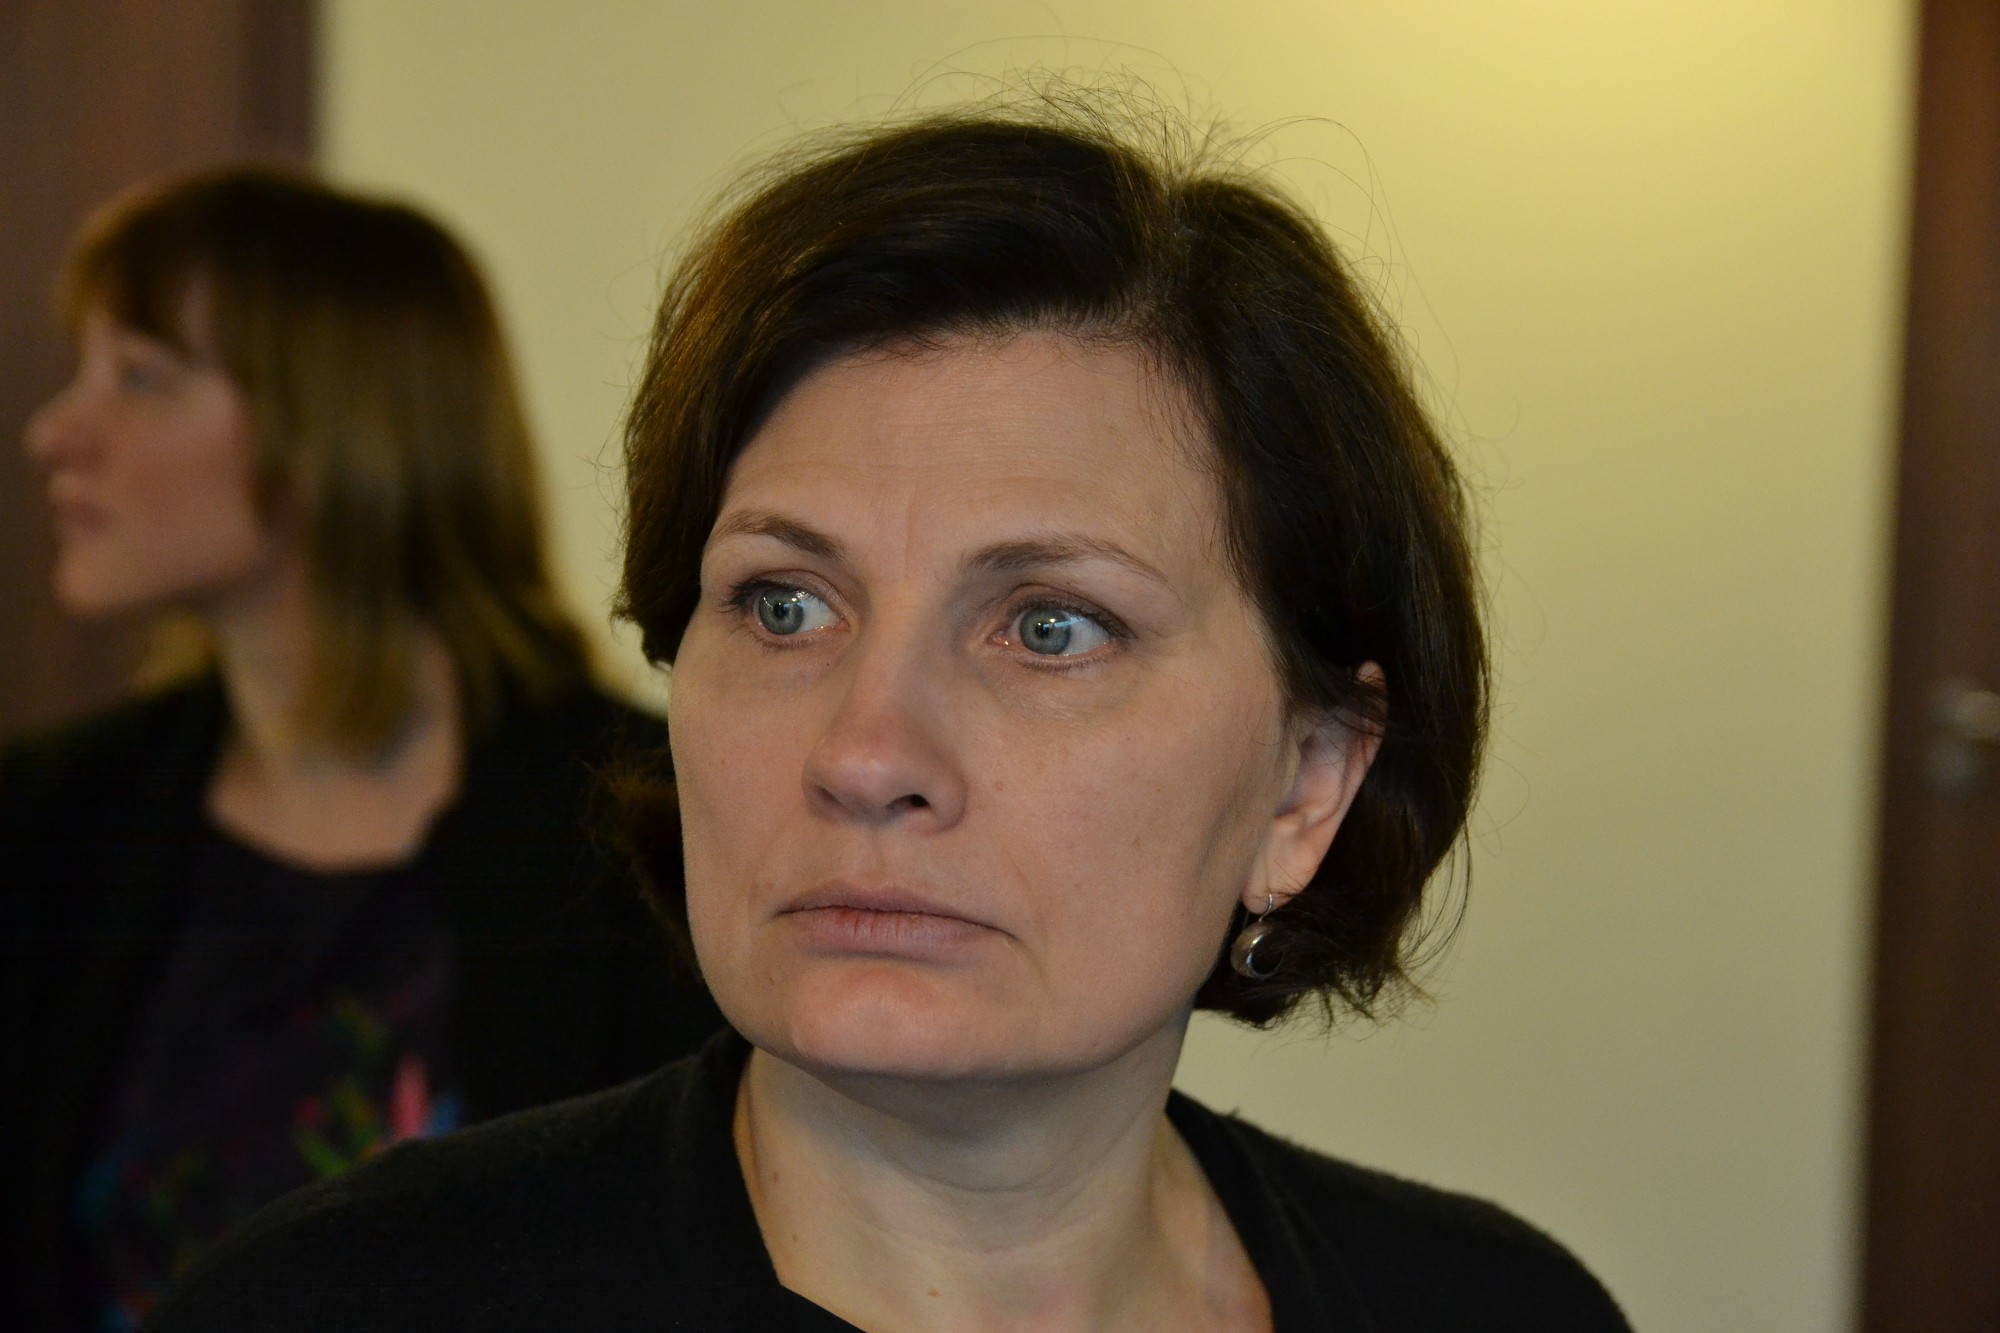 Rosina mediķu algu pieaugumu nodrošināt uz budžeta deficīta rēķina; finanšu ministrija iebilst